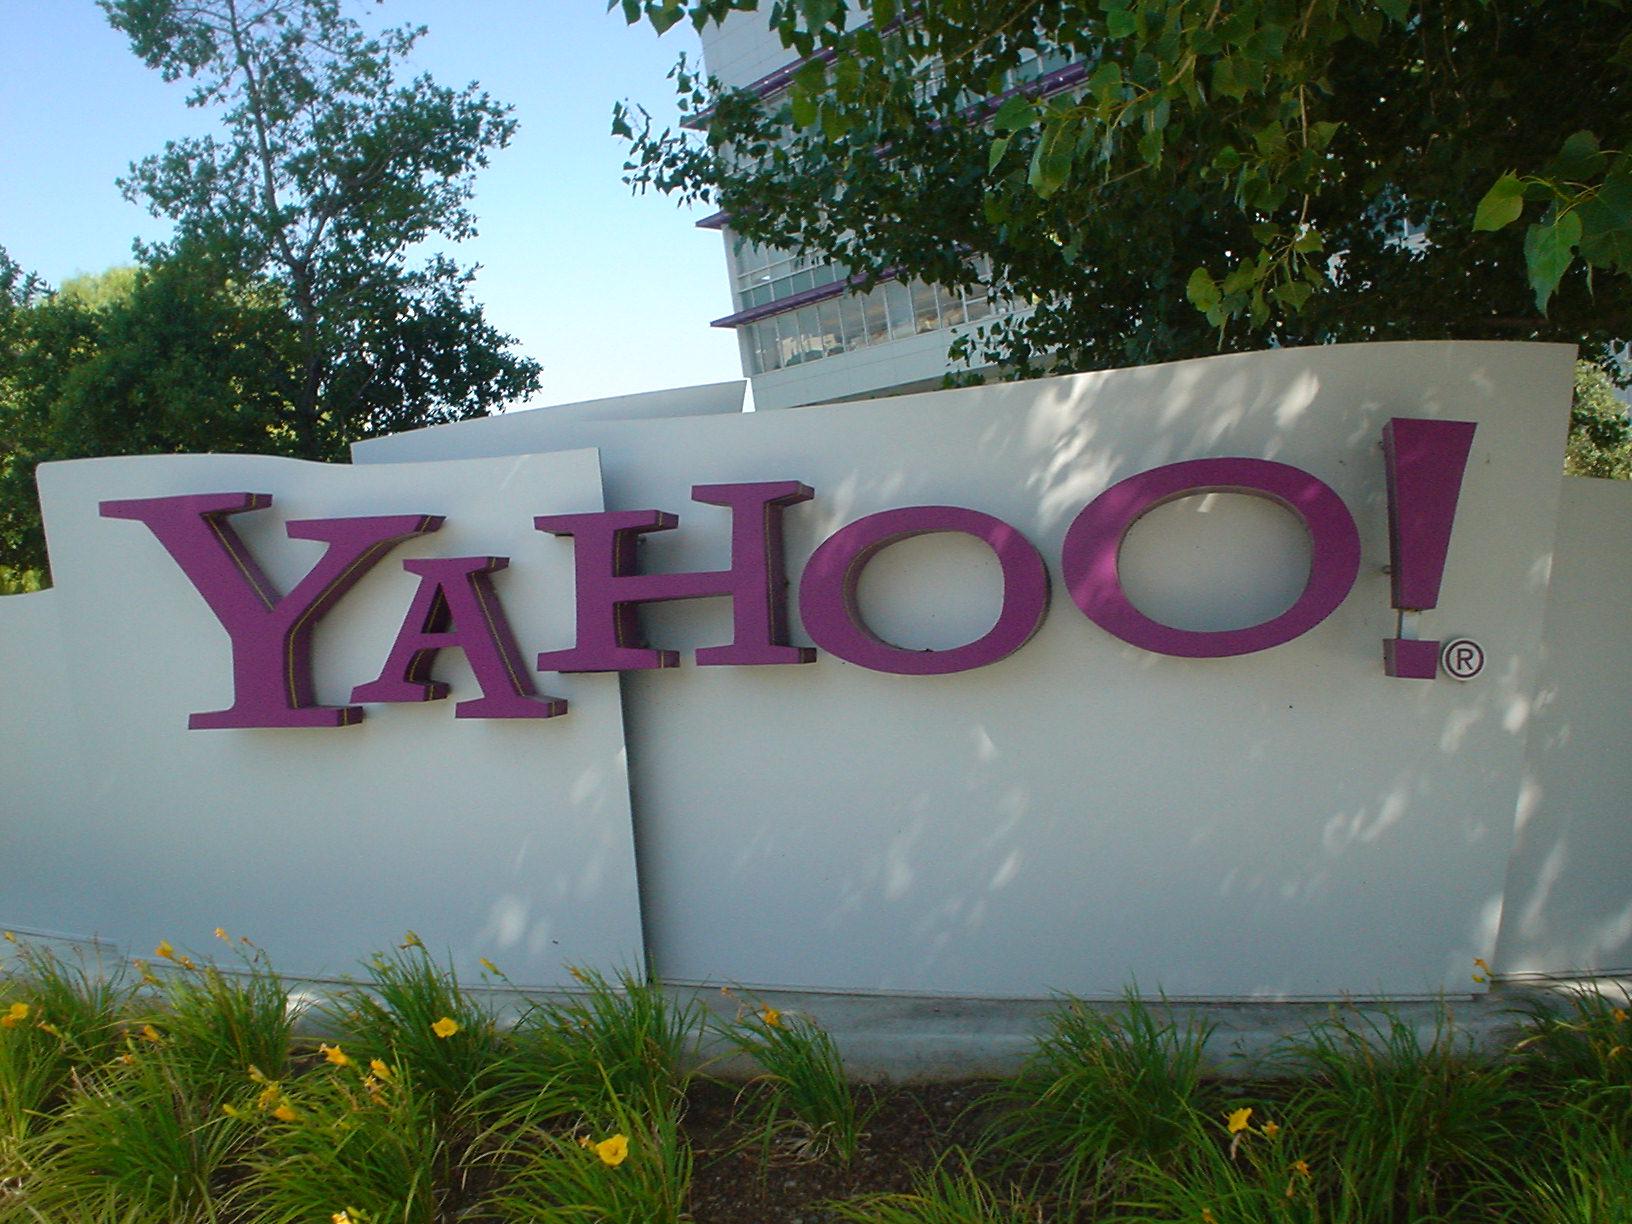 Yahoo! Sign OG